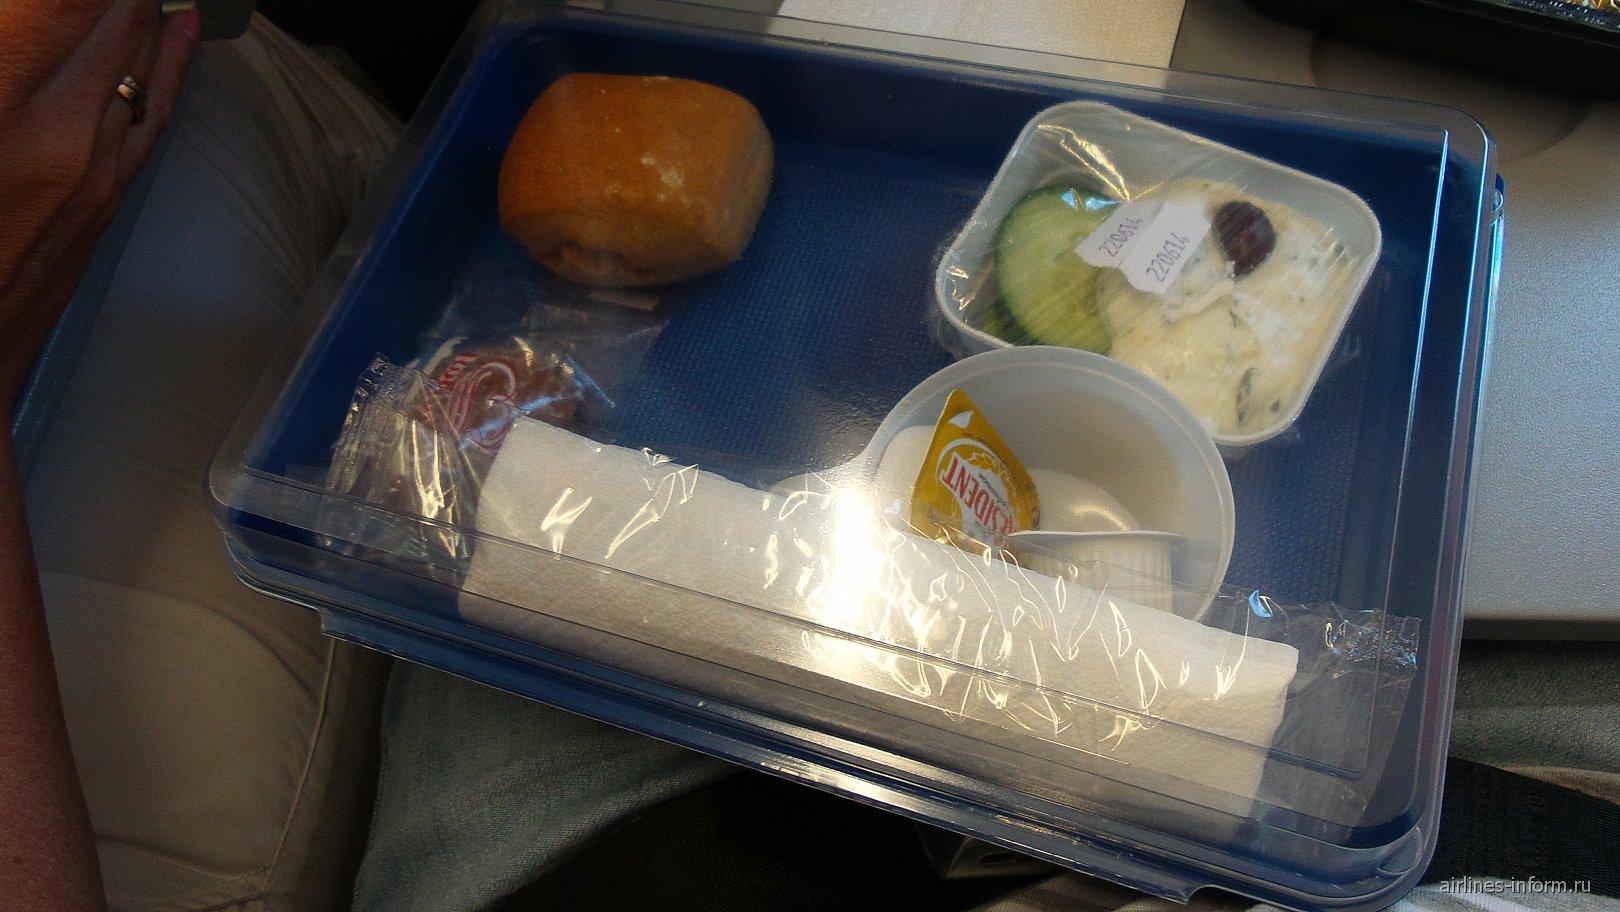 Еда была на выбор: мясо с макаронами,макароны с овощами.Все взяли первый вариант.Сам ланч-бокс на фото.